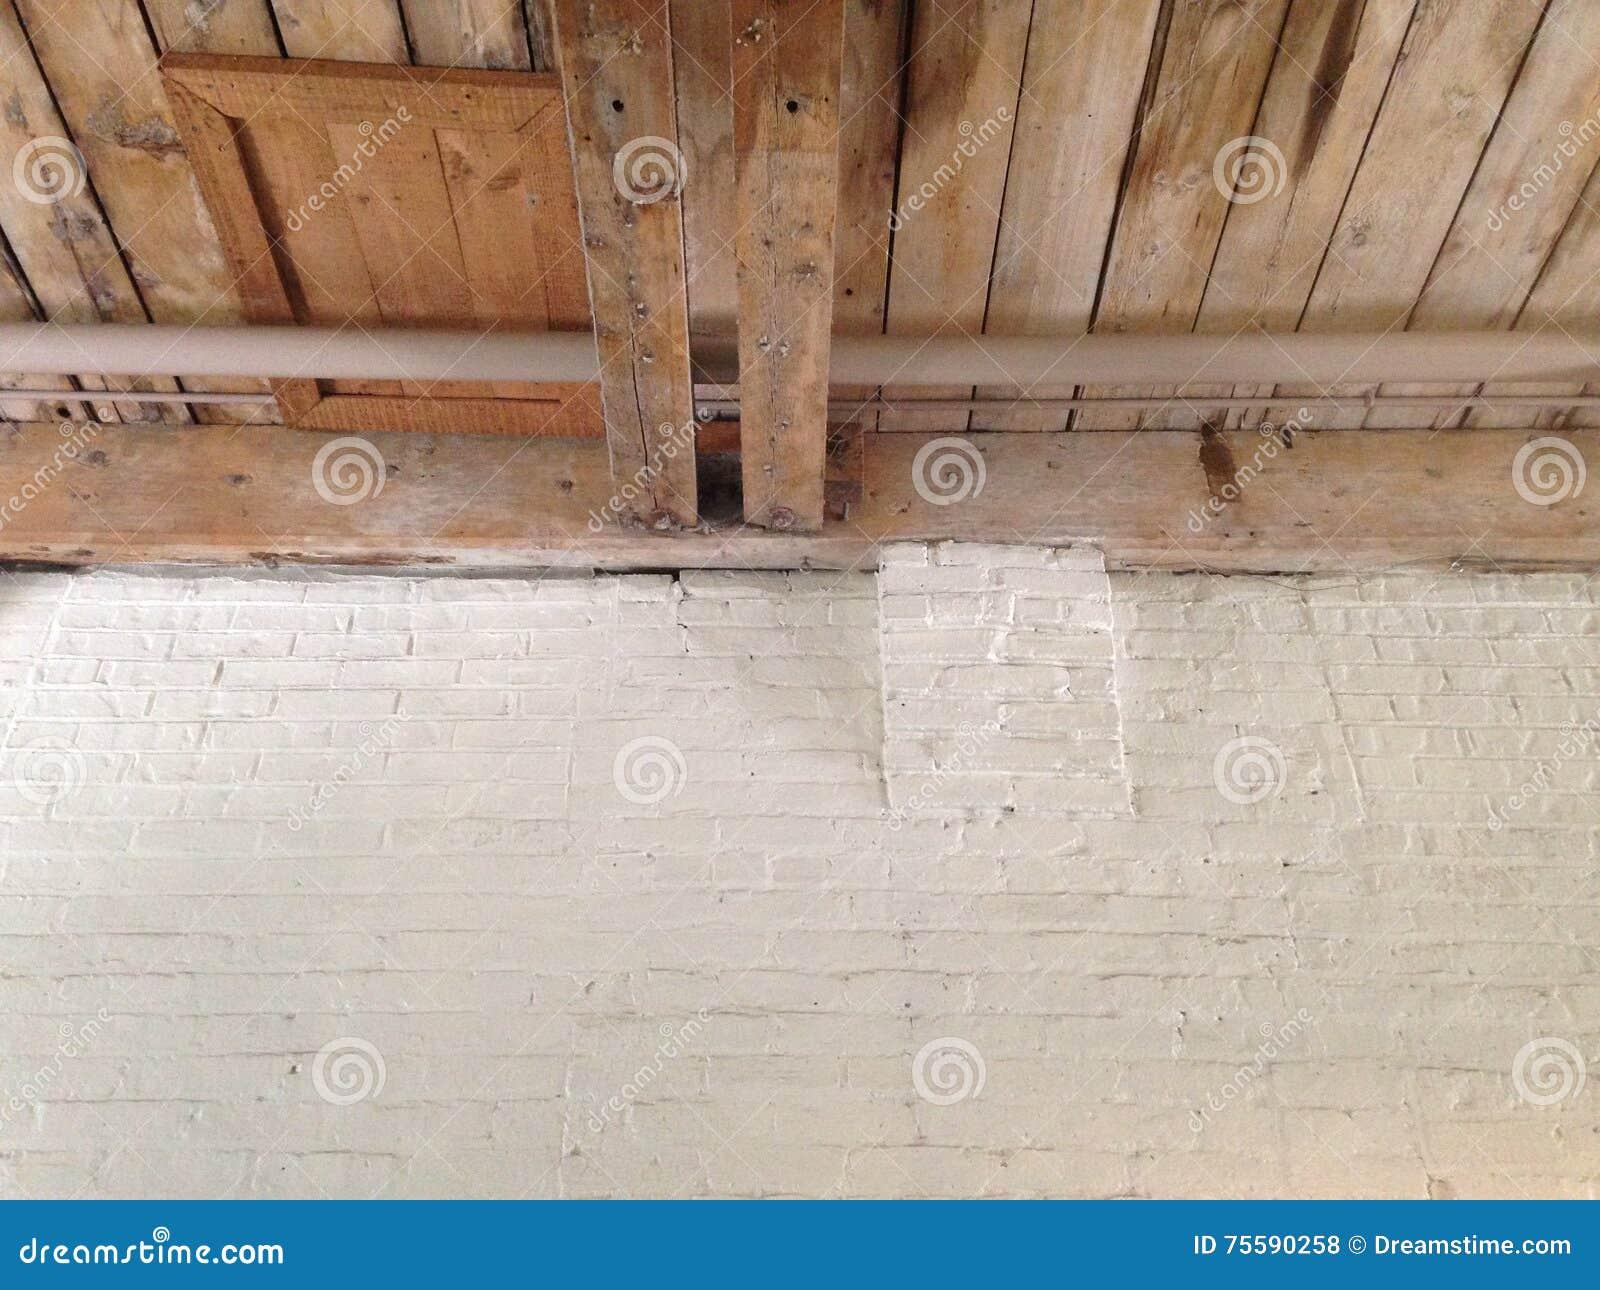 Soffitti In Legno Bianco : Soffitti legno bianco immobili a bianco mitula case